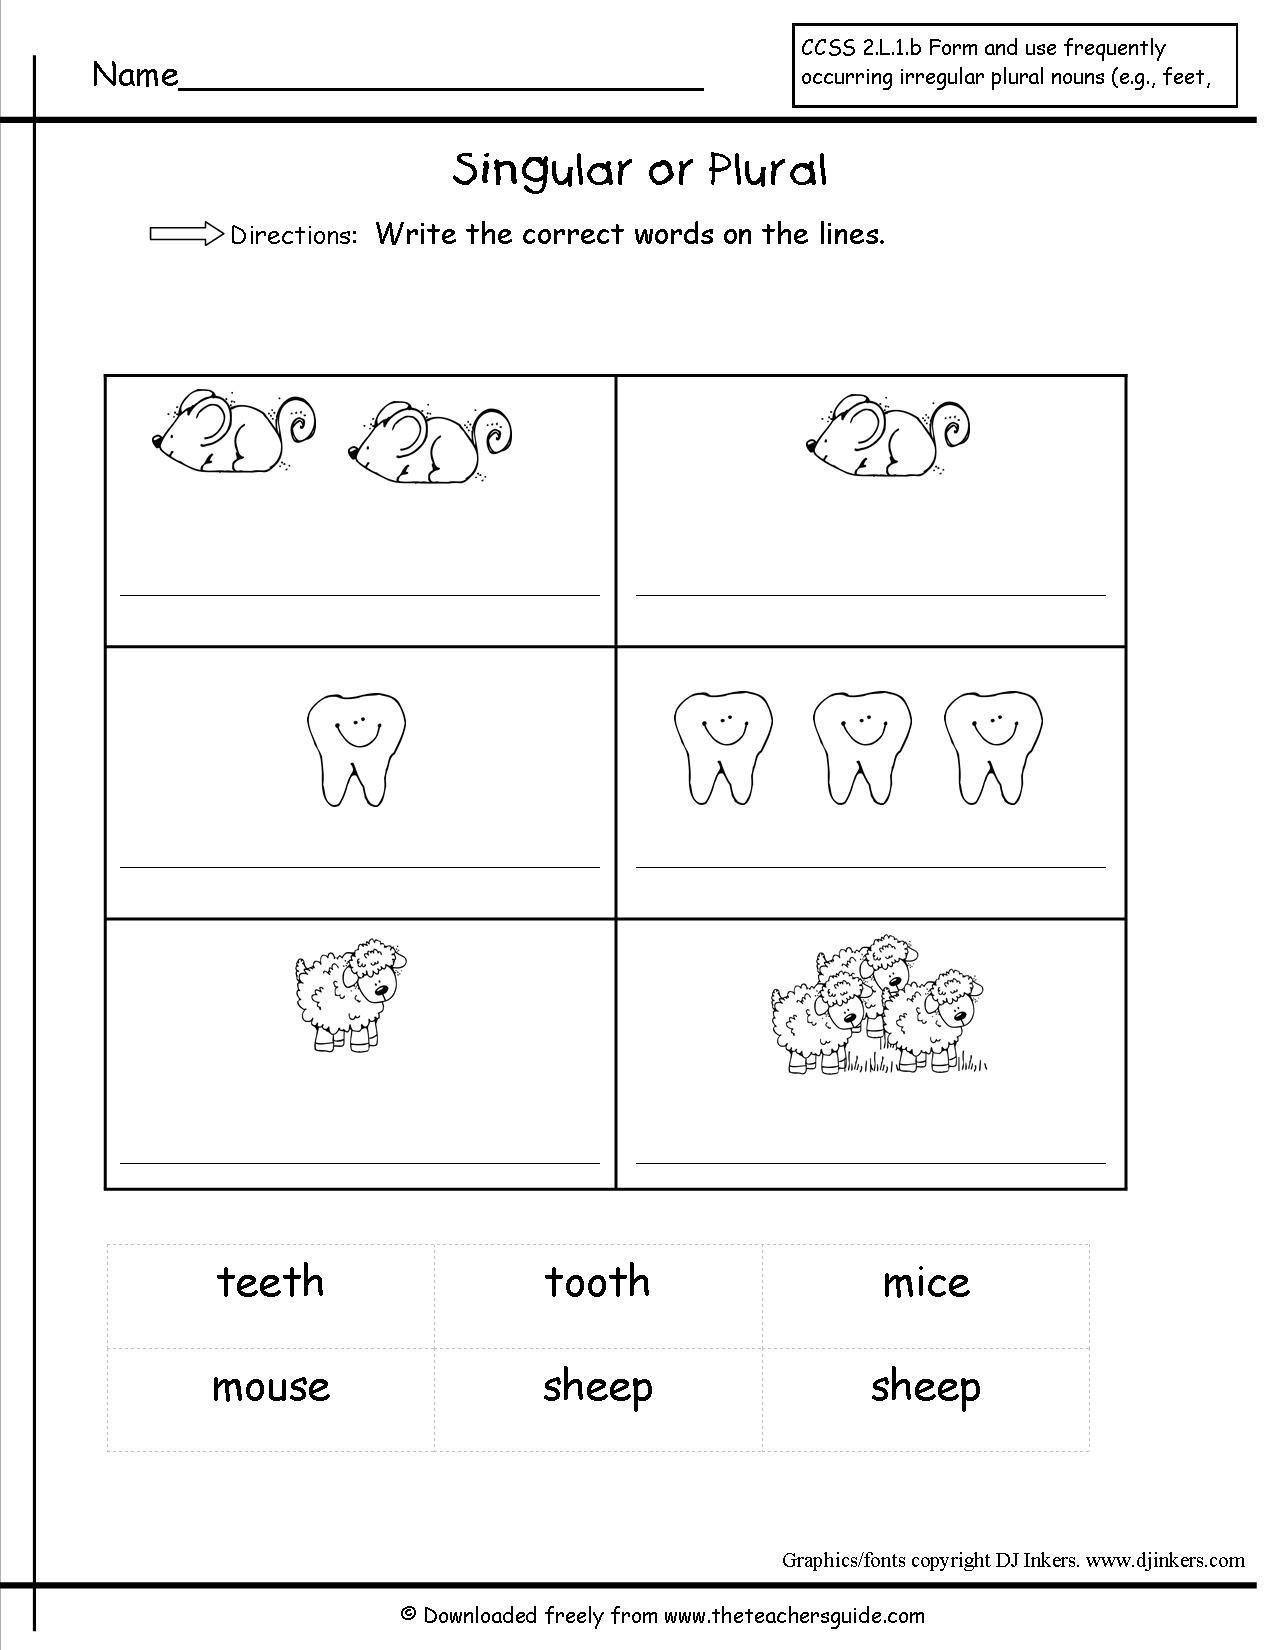 30 Irregular Plural Nouns Worksheet